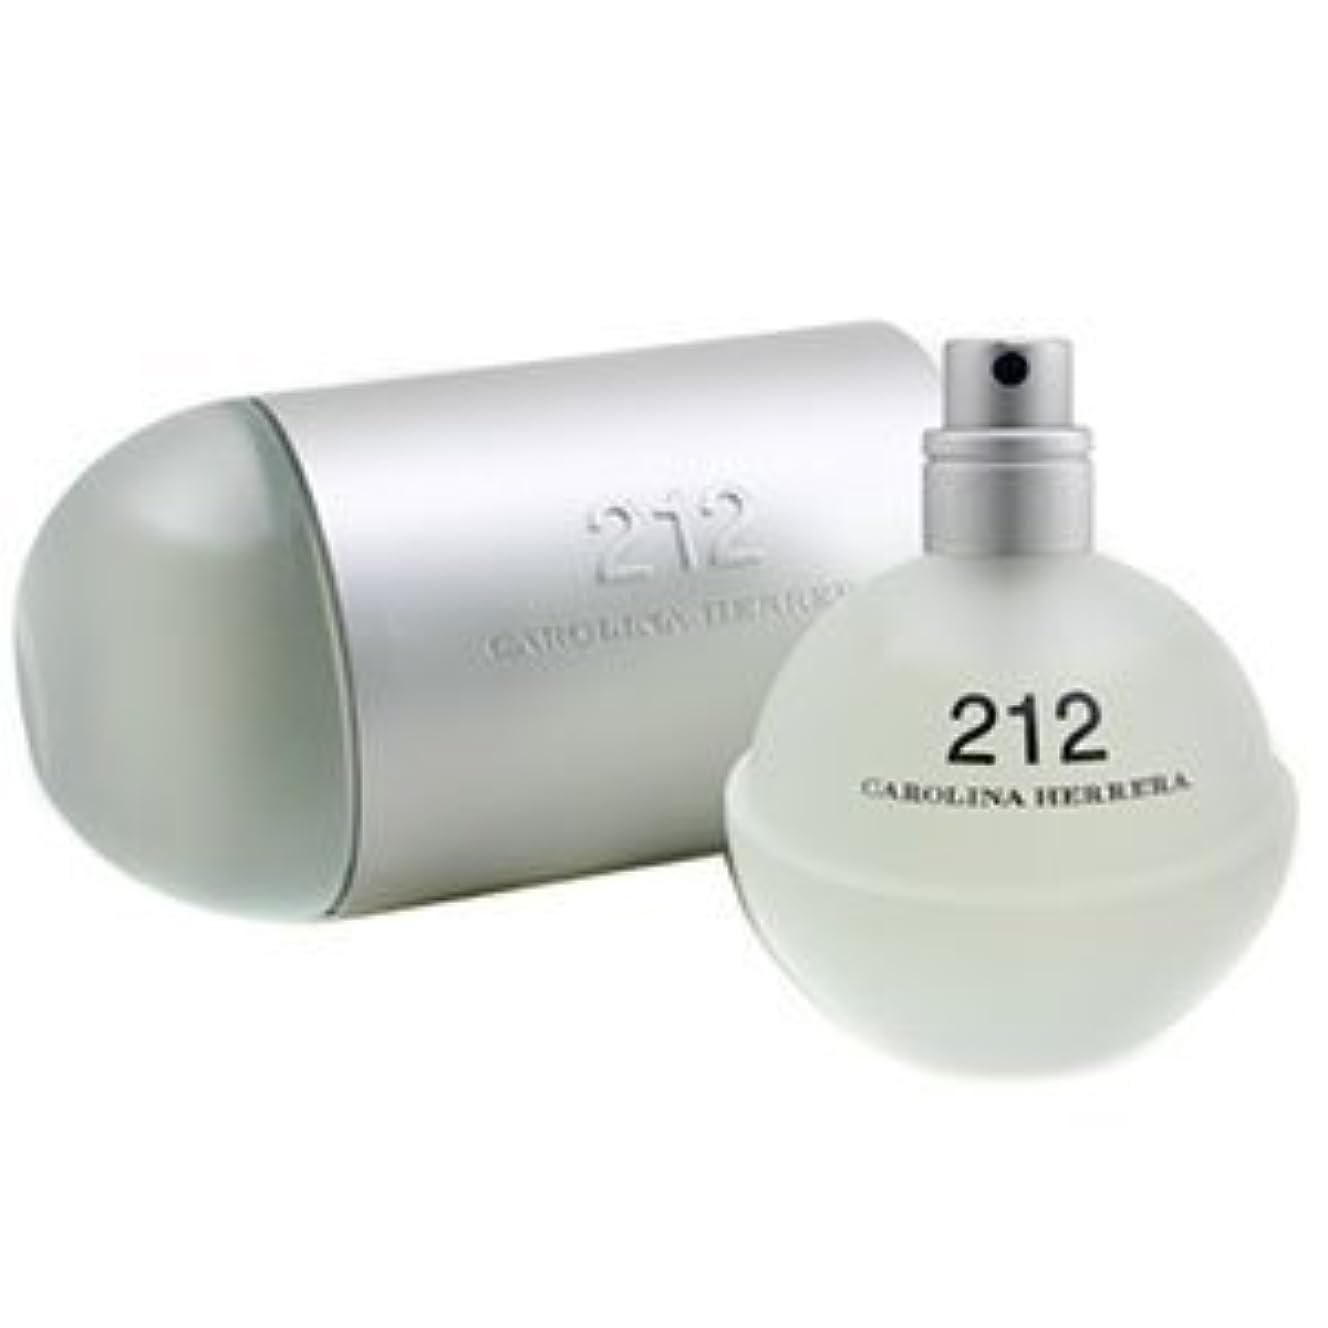 職業他に女王キャロライナ ヘレラ 香水 212 EDT SP 60ml ( 30ml ×2) 【並行輸入品】